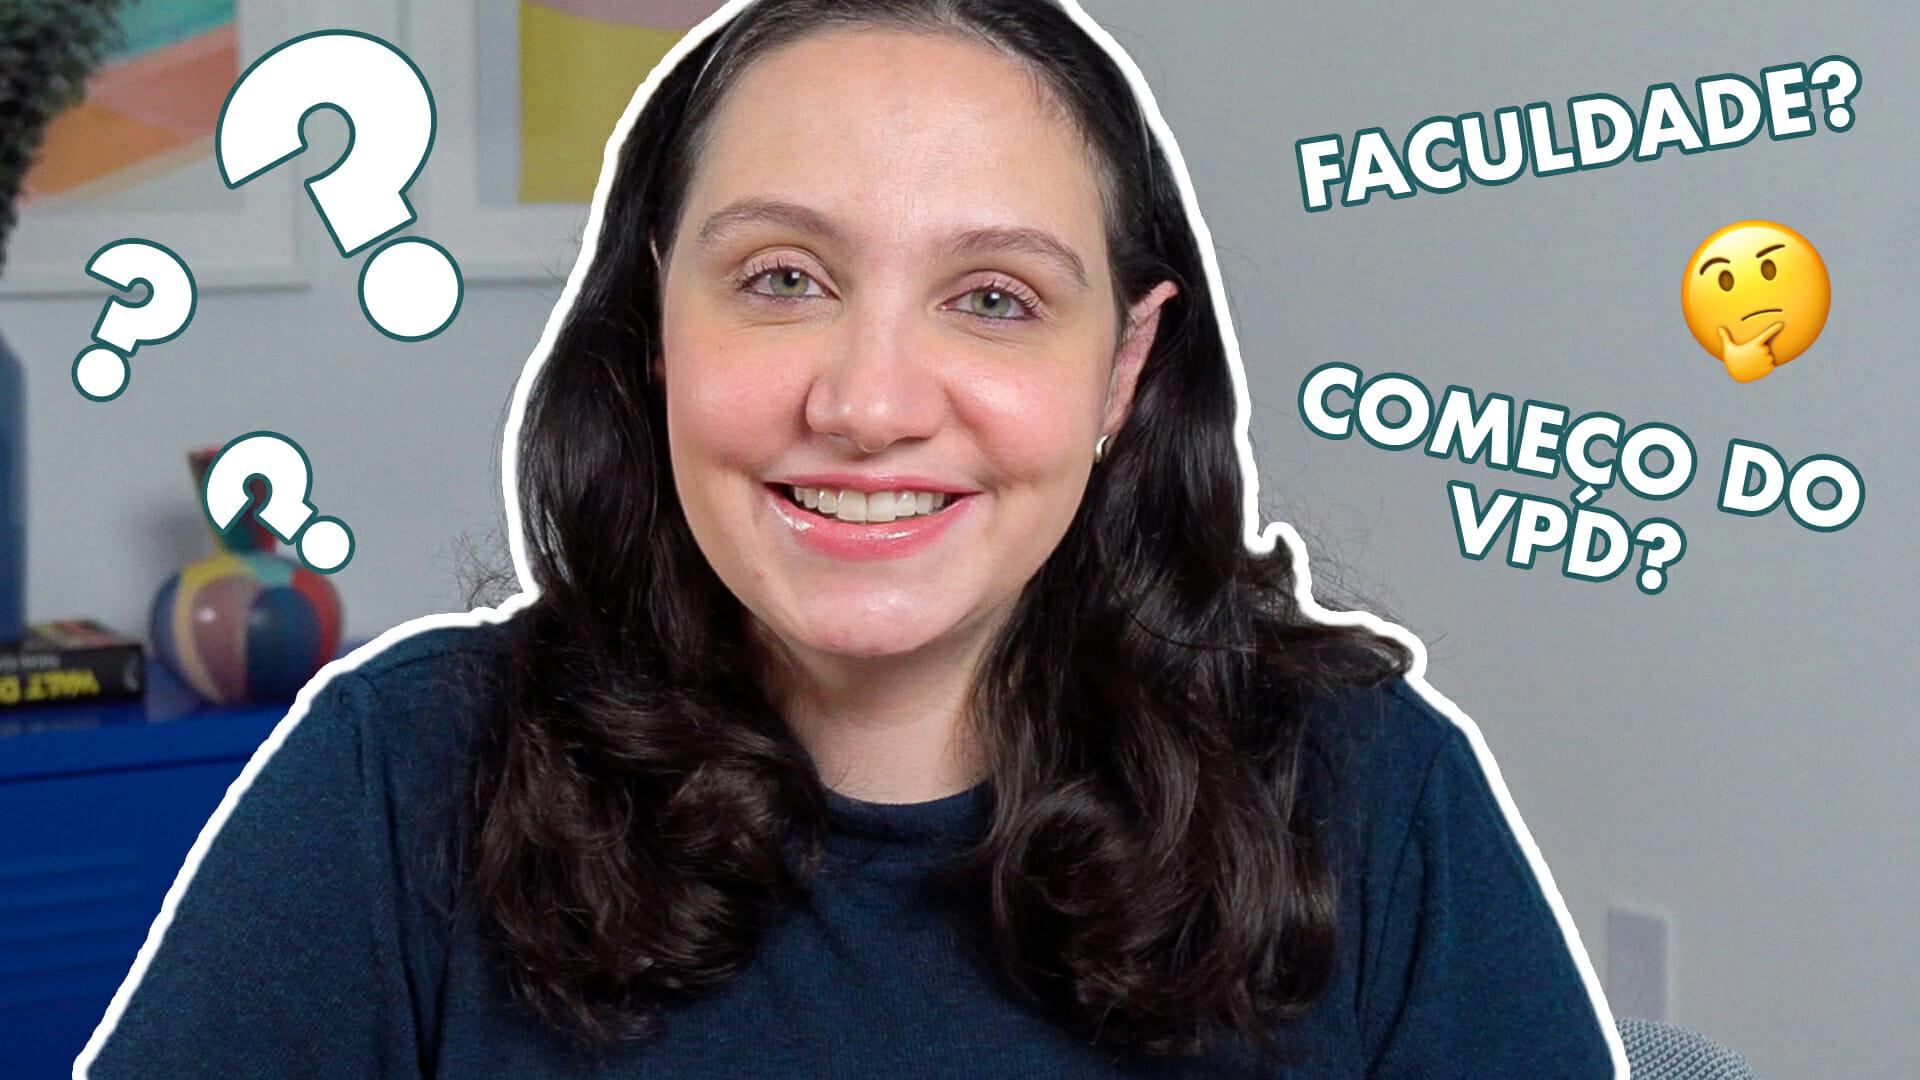 Screenshot do vídeo de perguntas e respostas que está no canal do YouTube do VPD, mostrando a Renata sorrindo com pontos de interrogação e algumas perguntas no fundo cinza.